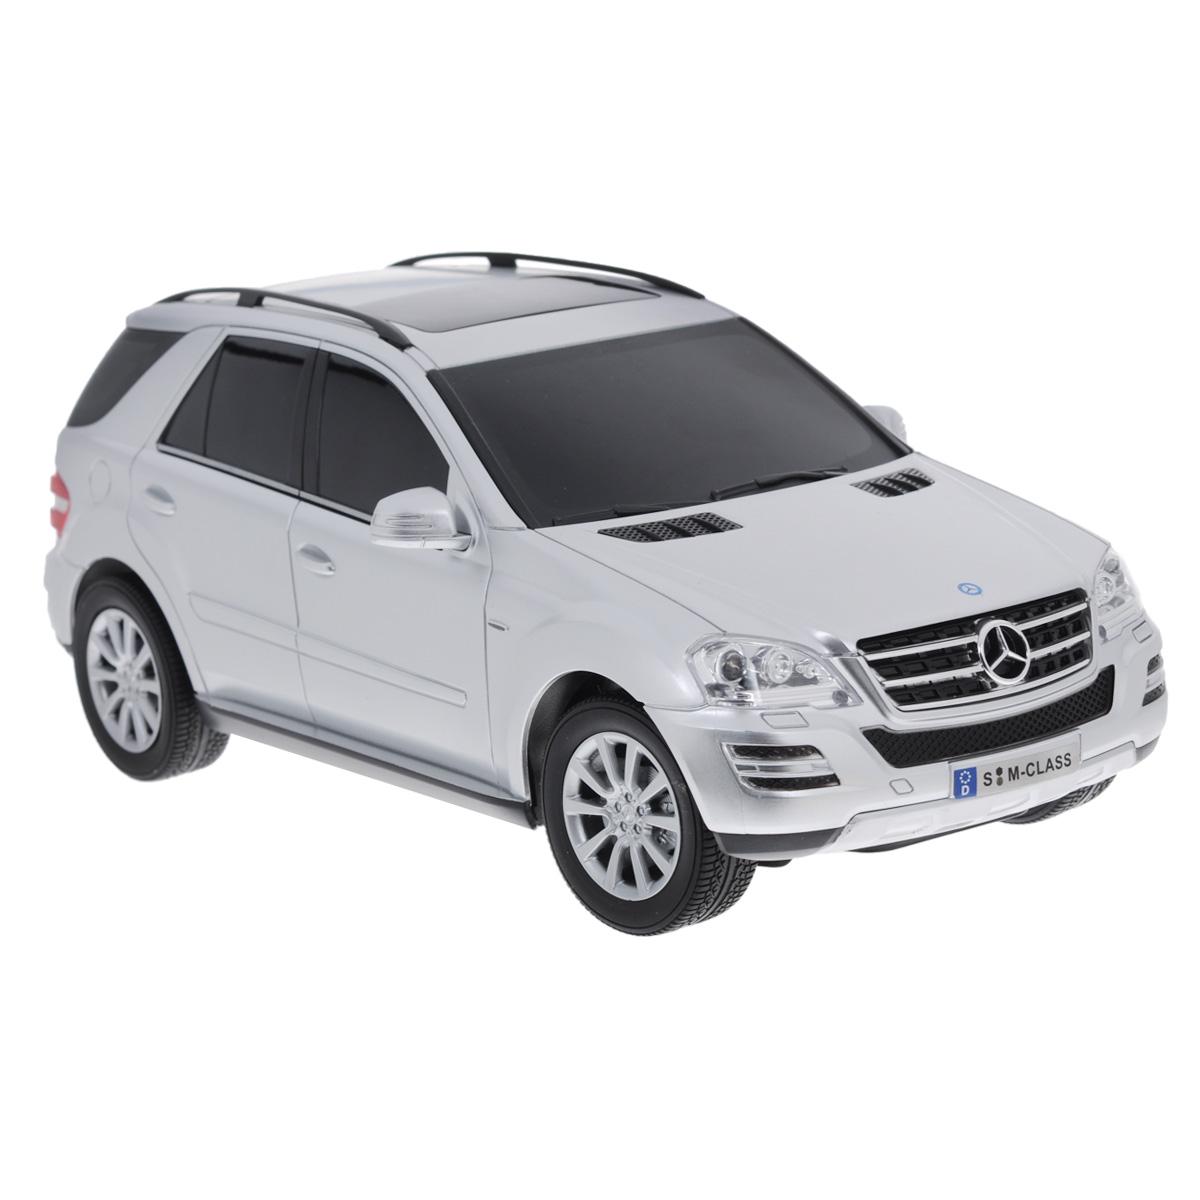 TopGear Радиоуправляемая модель Mercedes-Benz M350 цвет серебристый масштаб 1:18Т56689Все мальчишки любят мощные крутые тачки! Особенно если это дорогие машины известной марки, которые, проезжая по улице, обращают на себя восторженные взгляды пешеходов. Радиоуправляемая модель TopGear Mercedes-Benz M350 - это детальная копия существующего автомобиля в масштабе 1:18. Машинка изготовлена из прочного легкого пластика; колеса прорезинены. При движении передние и задние фары машины светятся. При помощи пульта управления автомобиль может перемещаться вперед, дает задний ход, поворачивает влево и вправо, останавливается. Встроенные амортизаторы обеспечивают комфортное движение. В комплект входят машинка, пульт управления, зарядное устройство (время зарядки составляет 4-5 часов), аккумулятор и 2 батарейки. Автомобиль отличается потрясающей маневренностью и динамикой. Ваш ребенок часами будет играть с моделью, устраивая захватывающие гонки. Машина работает от аккумулятора 500 мАч напряжением 4,8 В (входит в ...